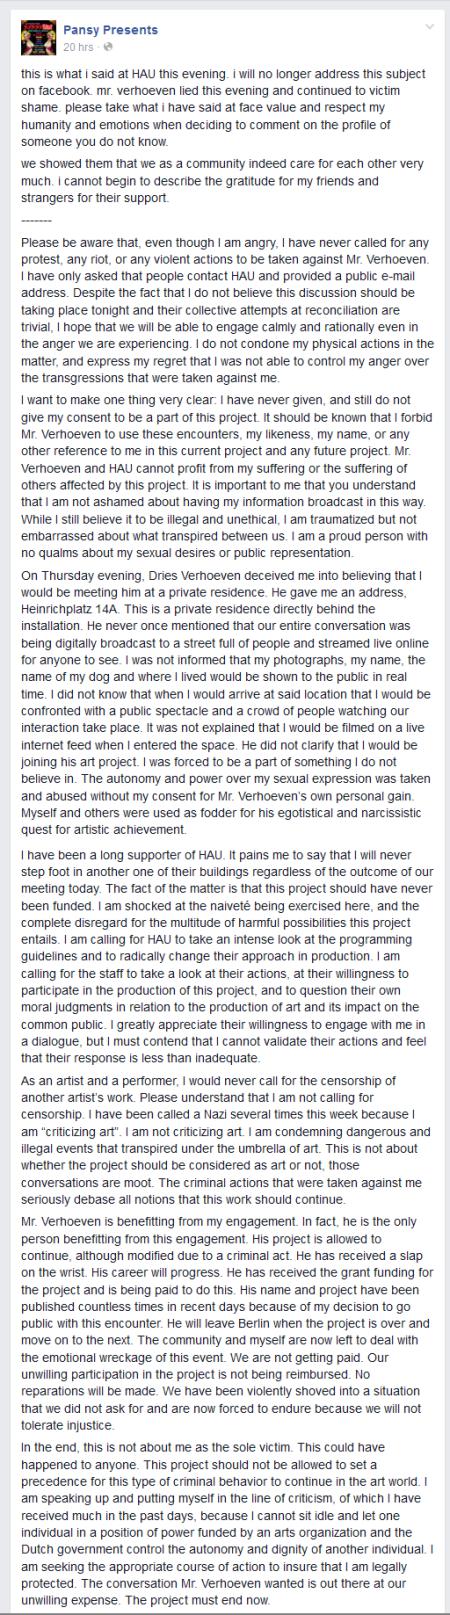 סטטוס הנאום של פנסי פרזנטס